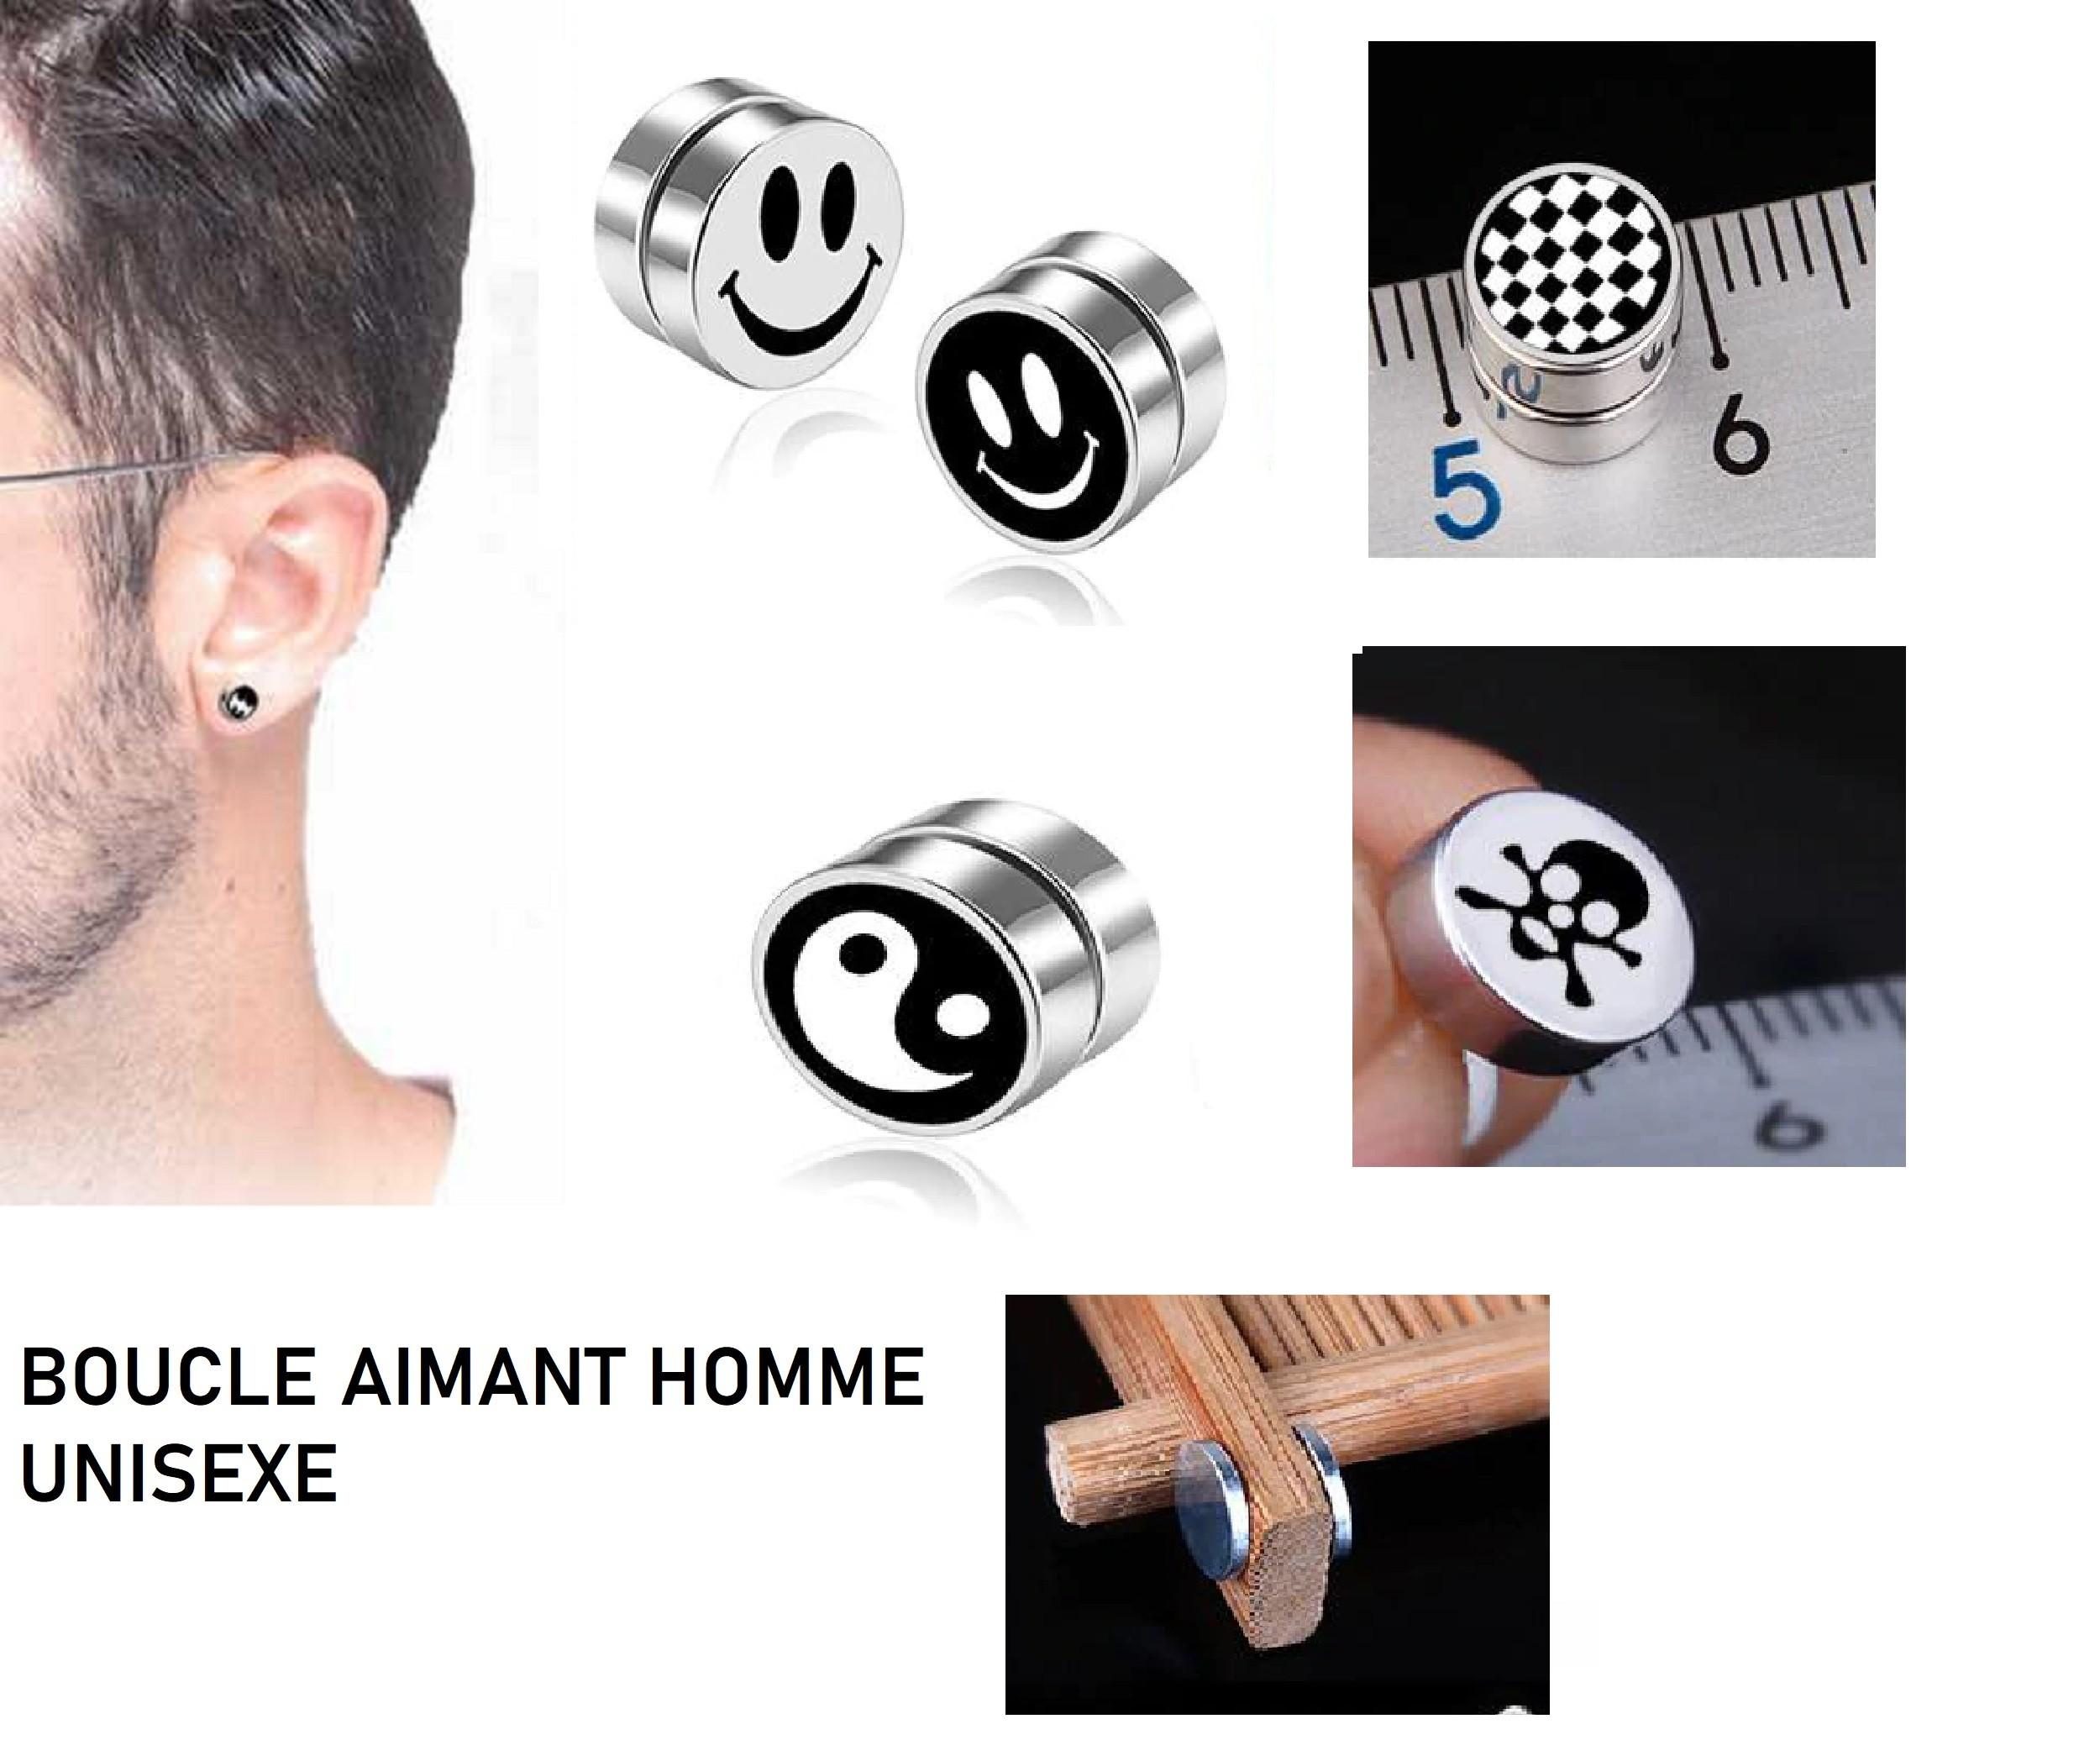 boucle d'oreille magnetique homme